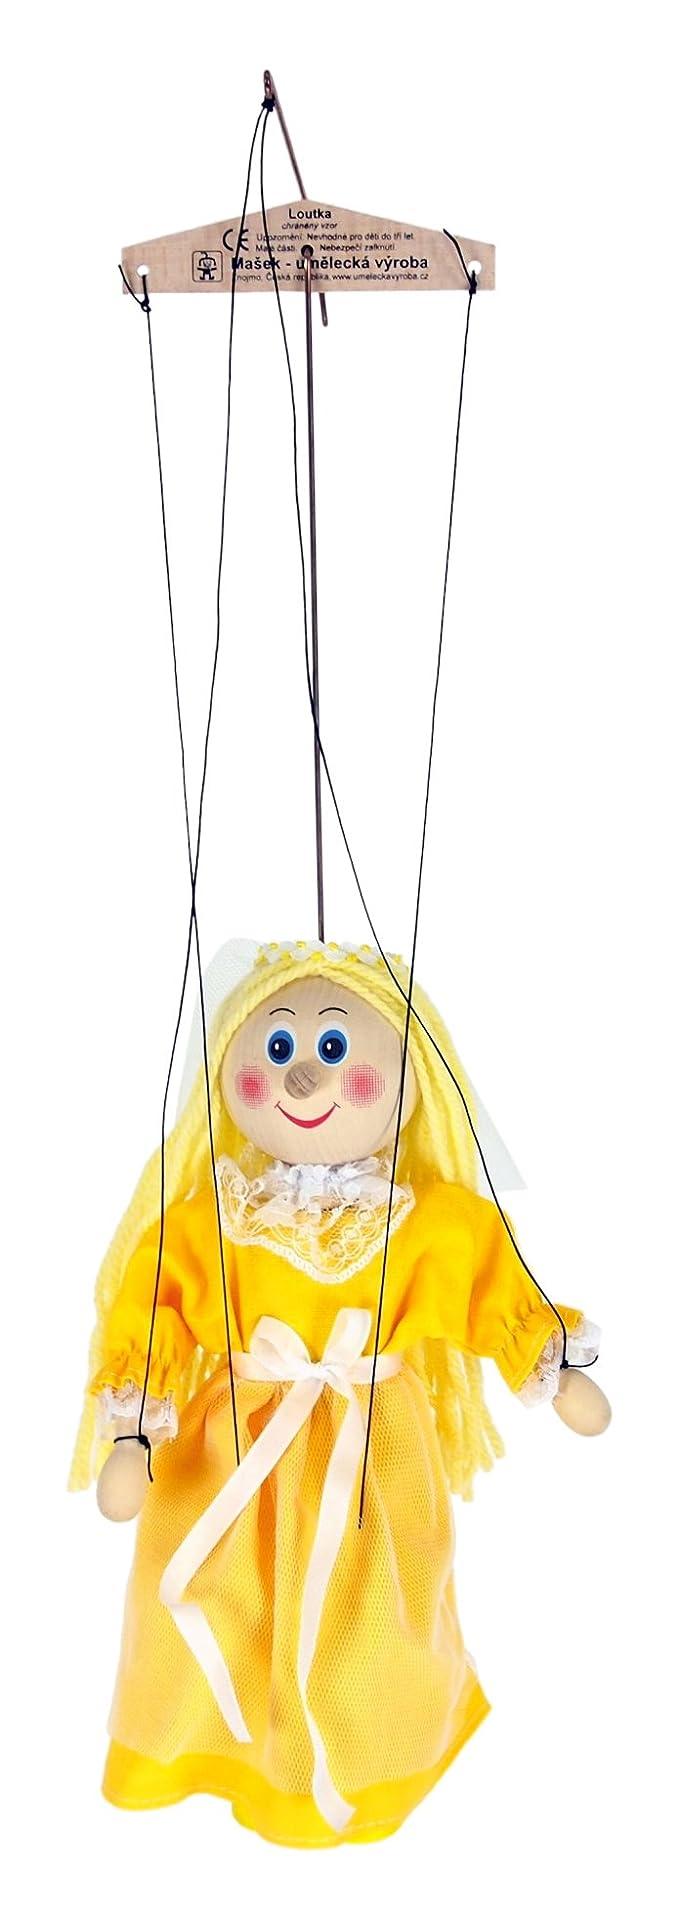 ABA 20cm en bois Boucles d'or Marionnette Jouet (Multicolore)